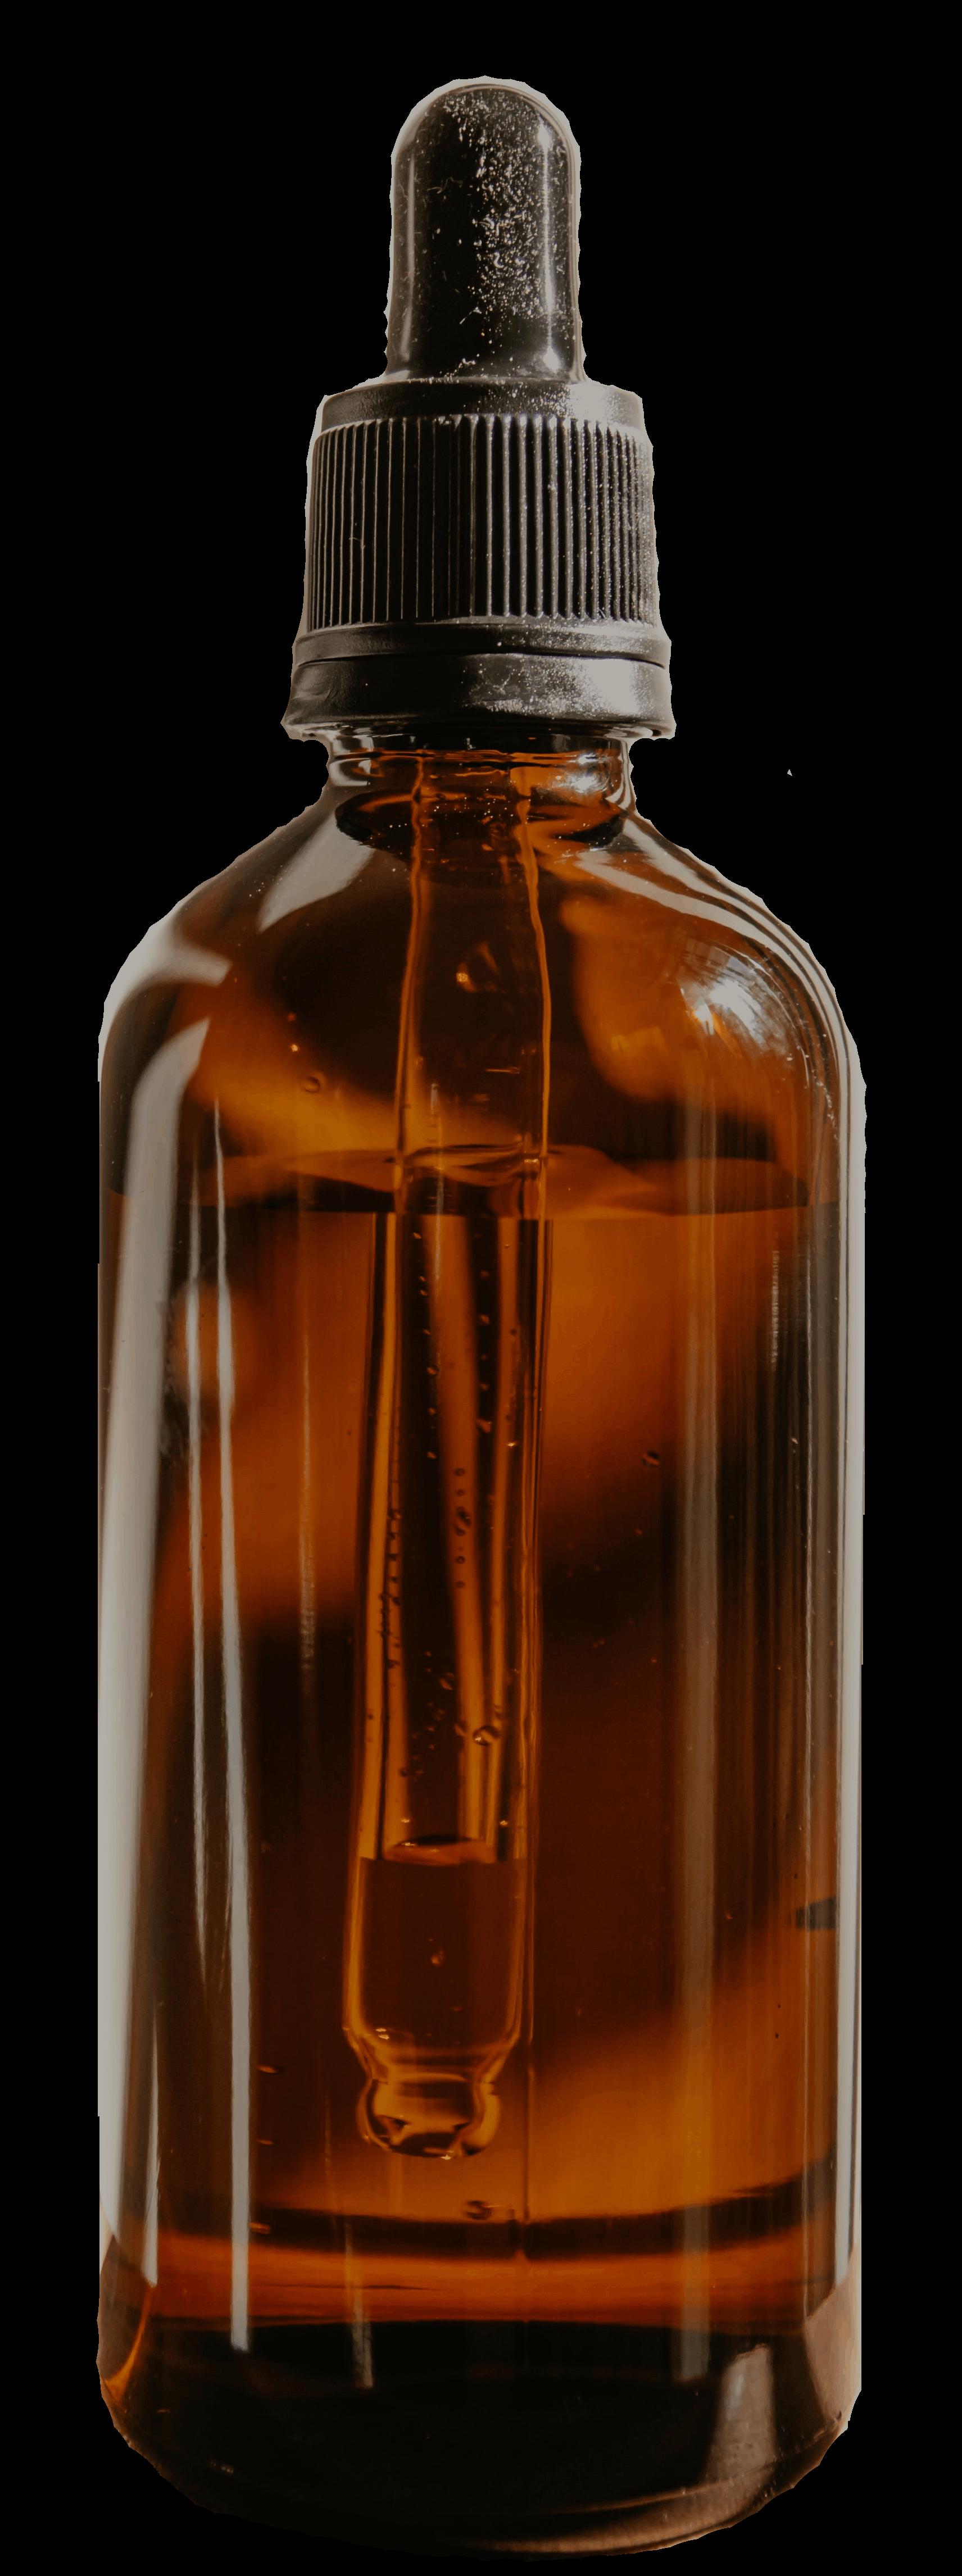 Arnica Massage Oil (Lavender & Rosemary)